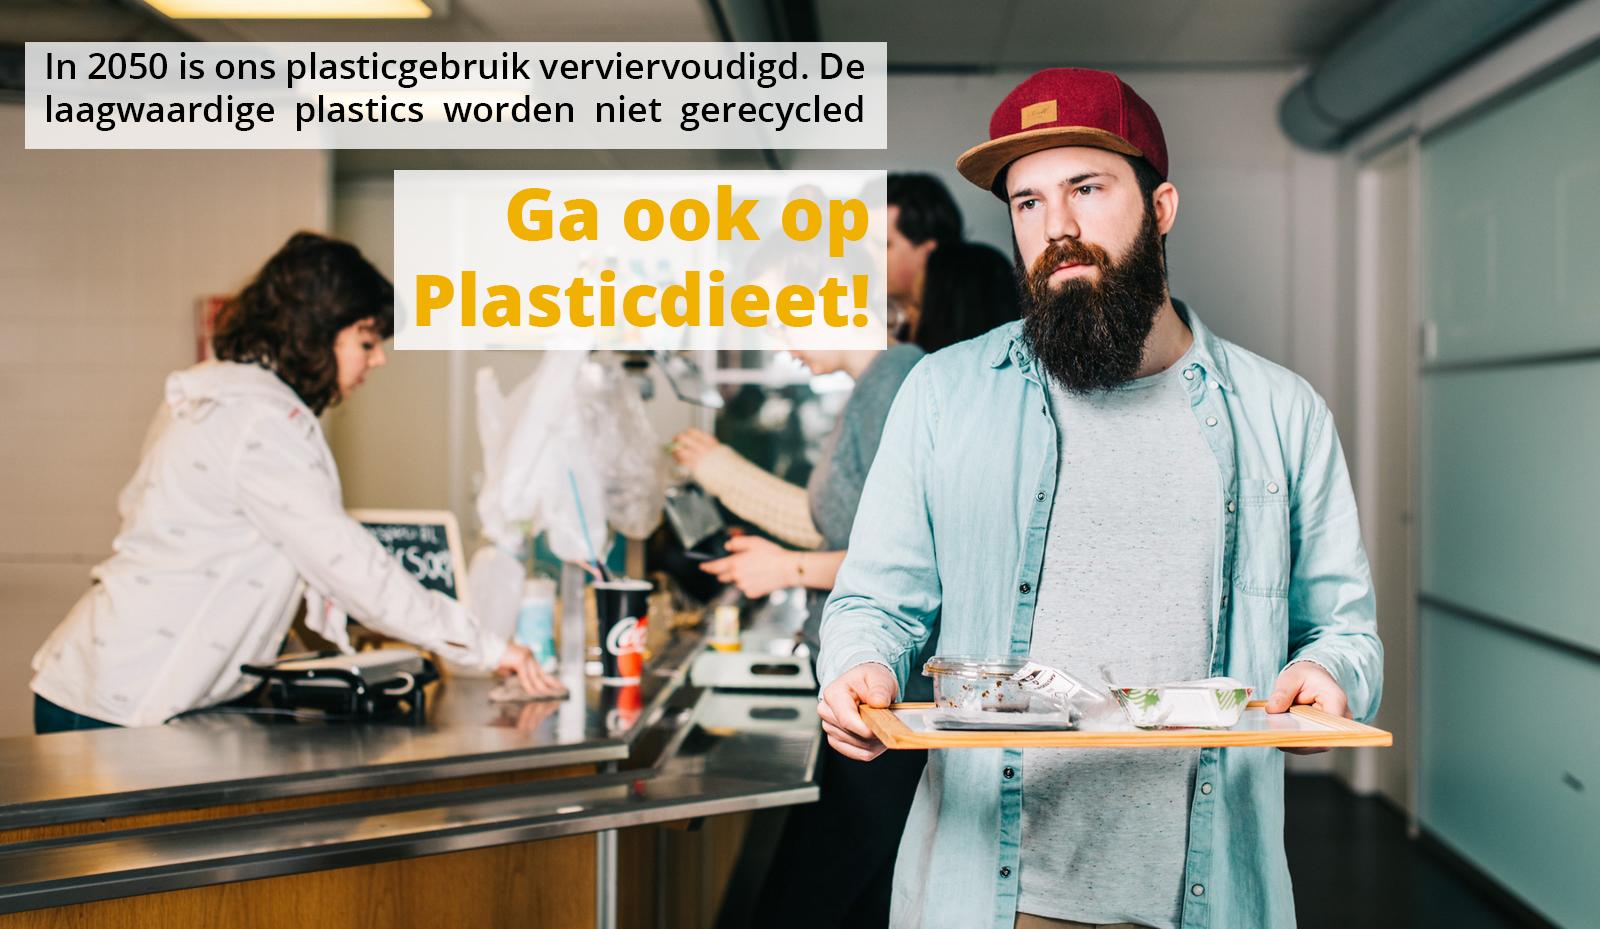 Plasticdieet